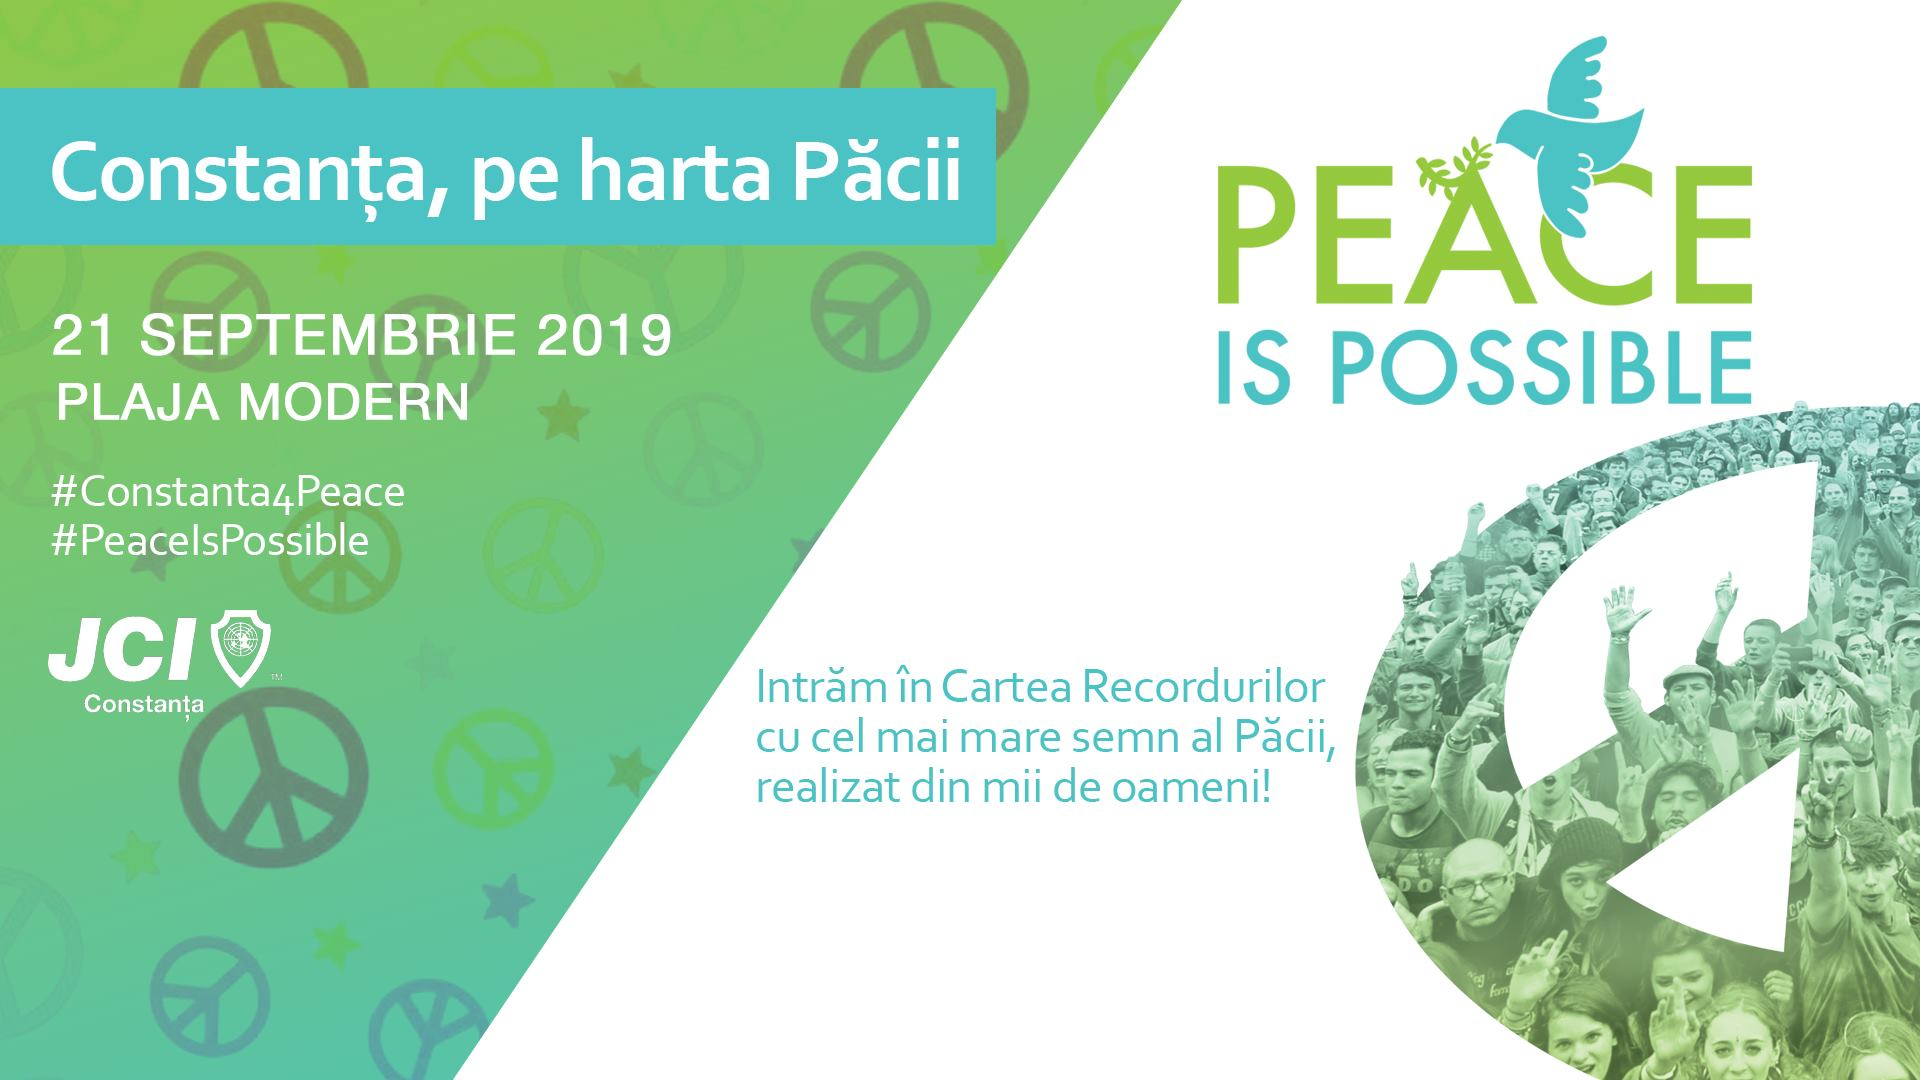 afis harta pacii